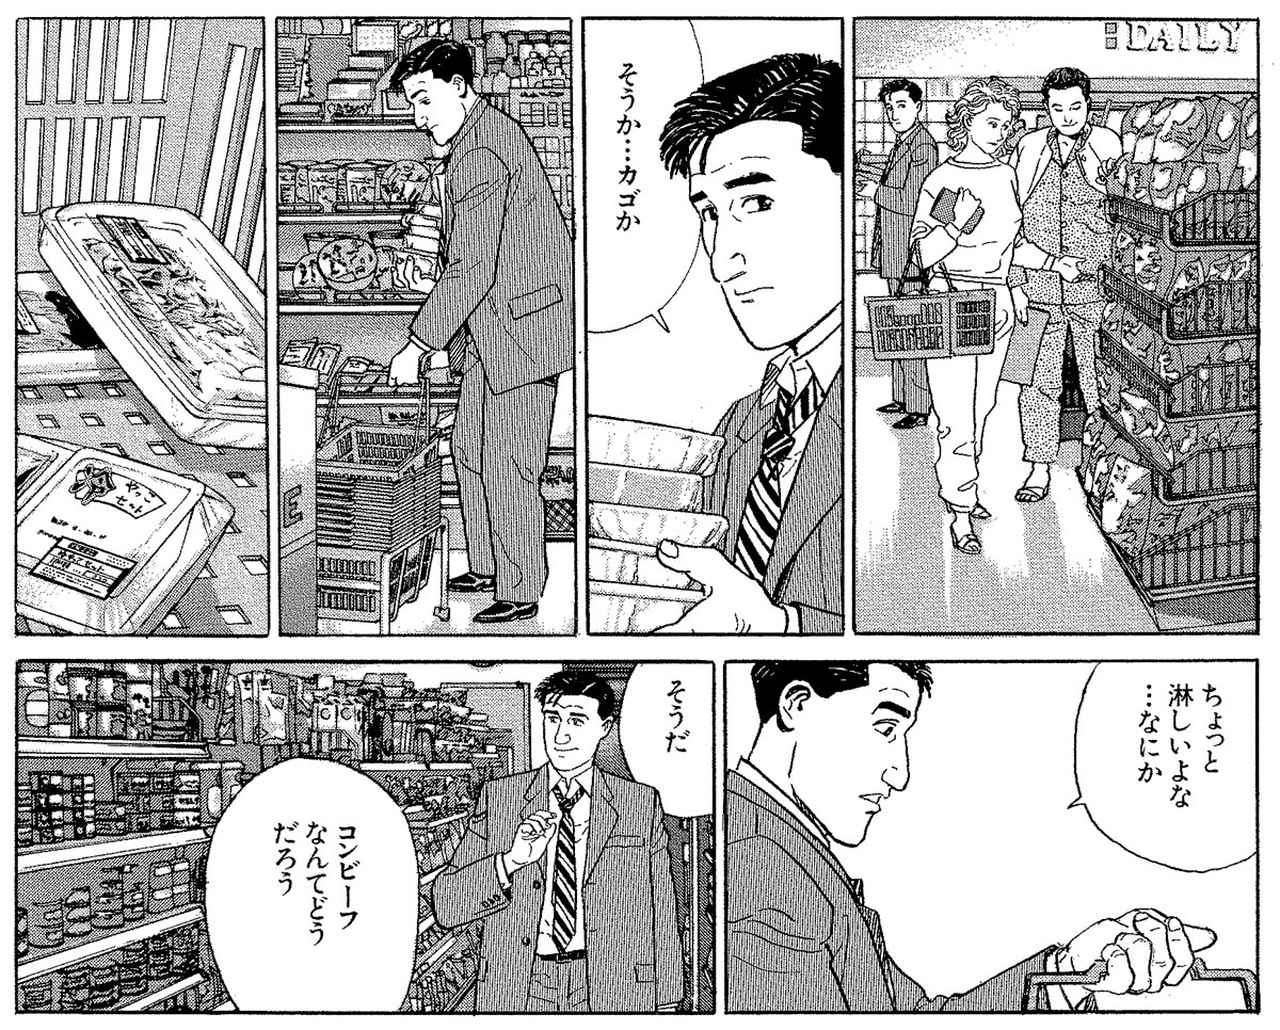 画像: 第15話『東京都内某所の深夜のコンビニ・フーズ』では、コンビニ店内の様子が、棚に陳列された商品ひとつひとつに至るまで細かく描き込まれている